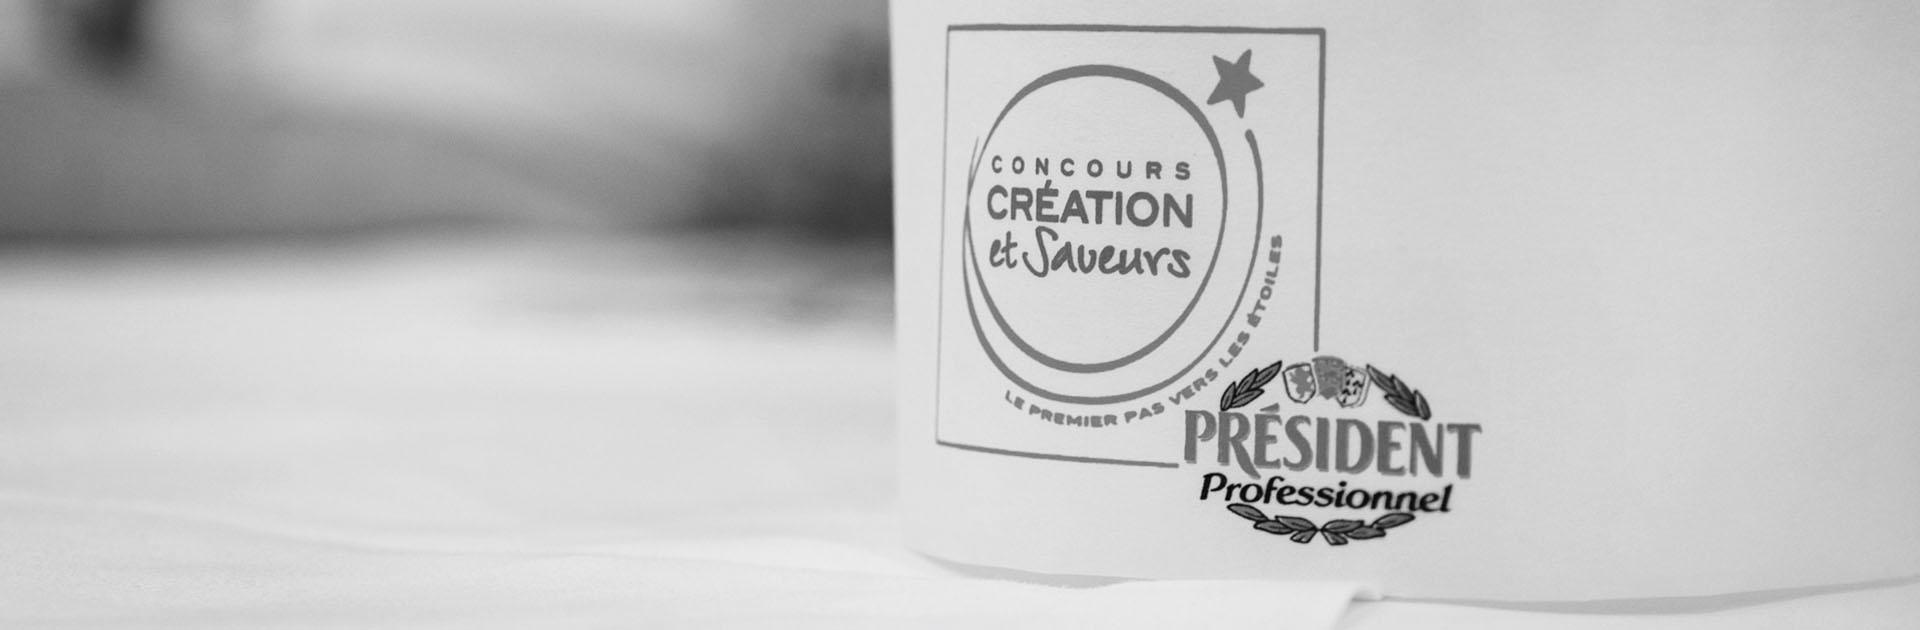 concours-creation-et-saveurs-paul-et-malo